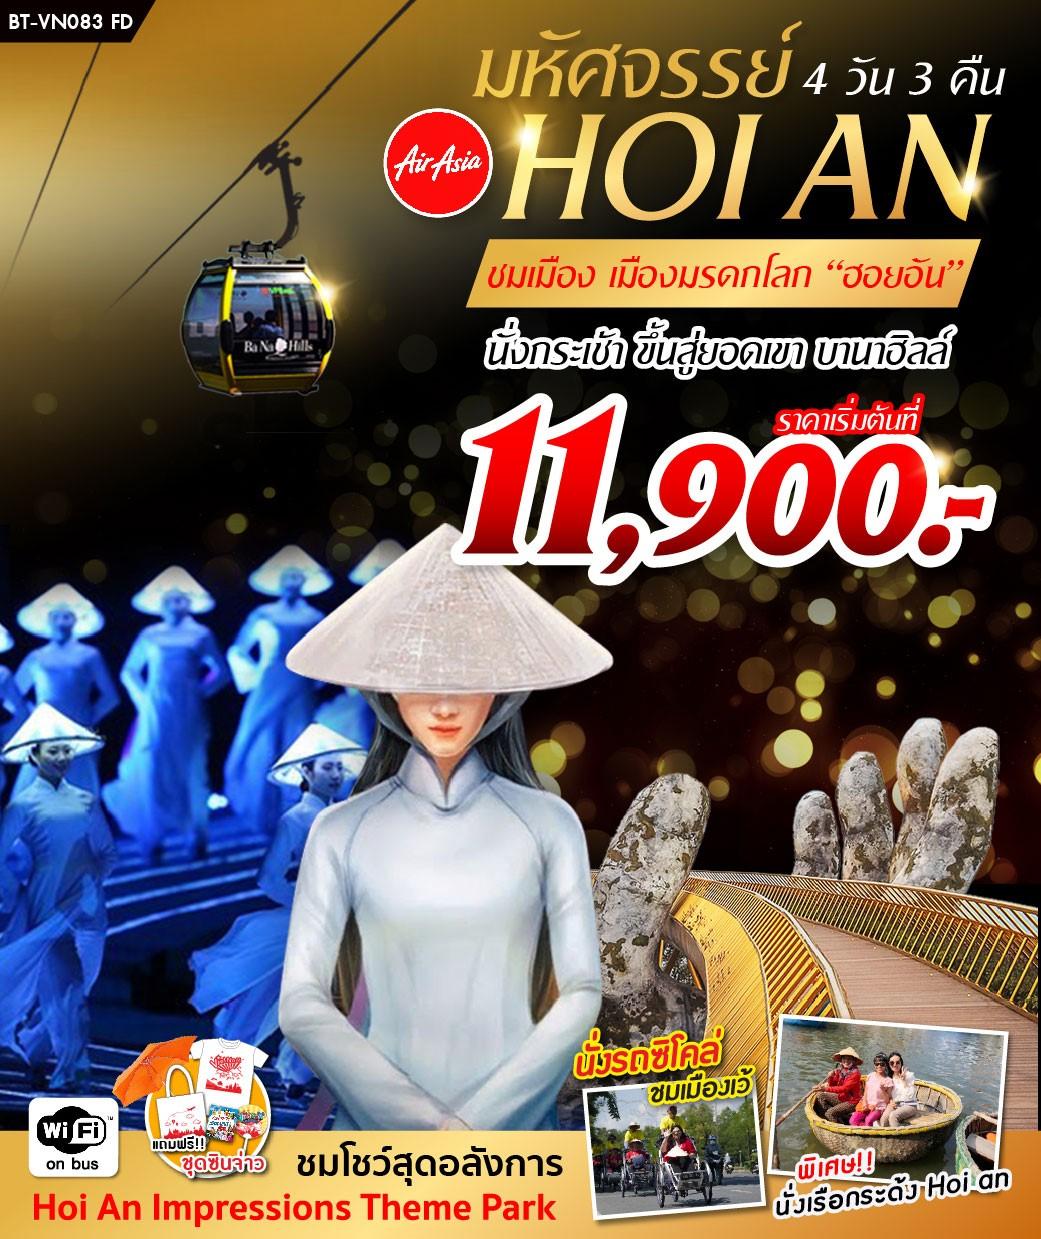 ทัวร์เวียดนาม-มหัศจรรย์...ฮอยอัน-4-วัน-3-คืน-(MAR-MAY19)-BT-VN083_